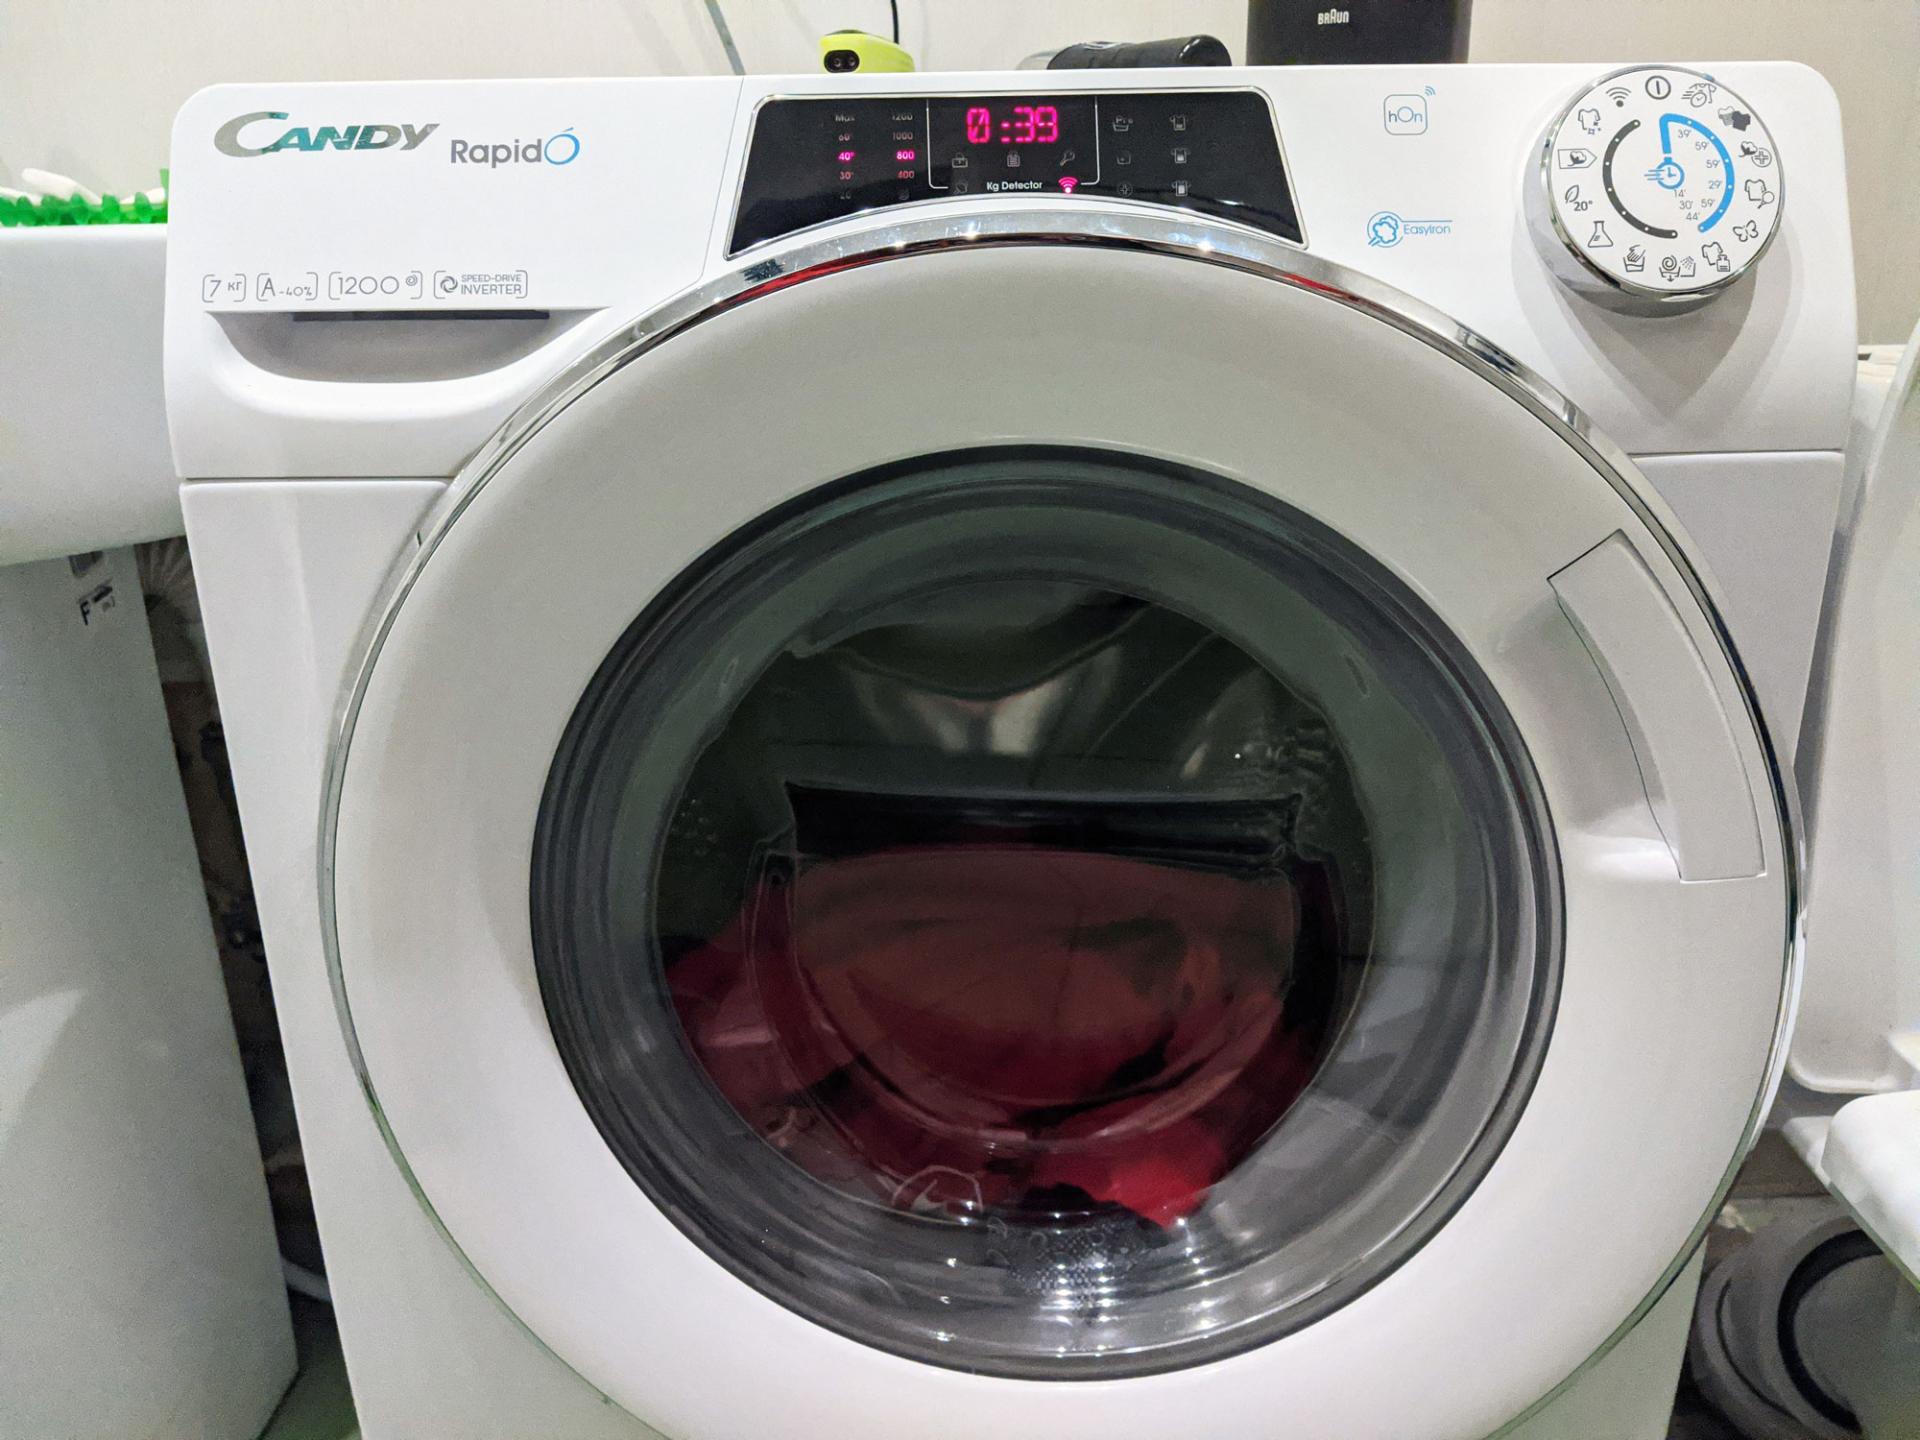 Тест-драйв стиральной машины Candy RapidO RO4 1276DWMC4-07